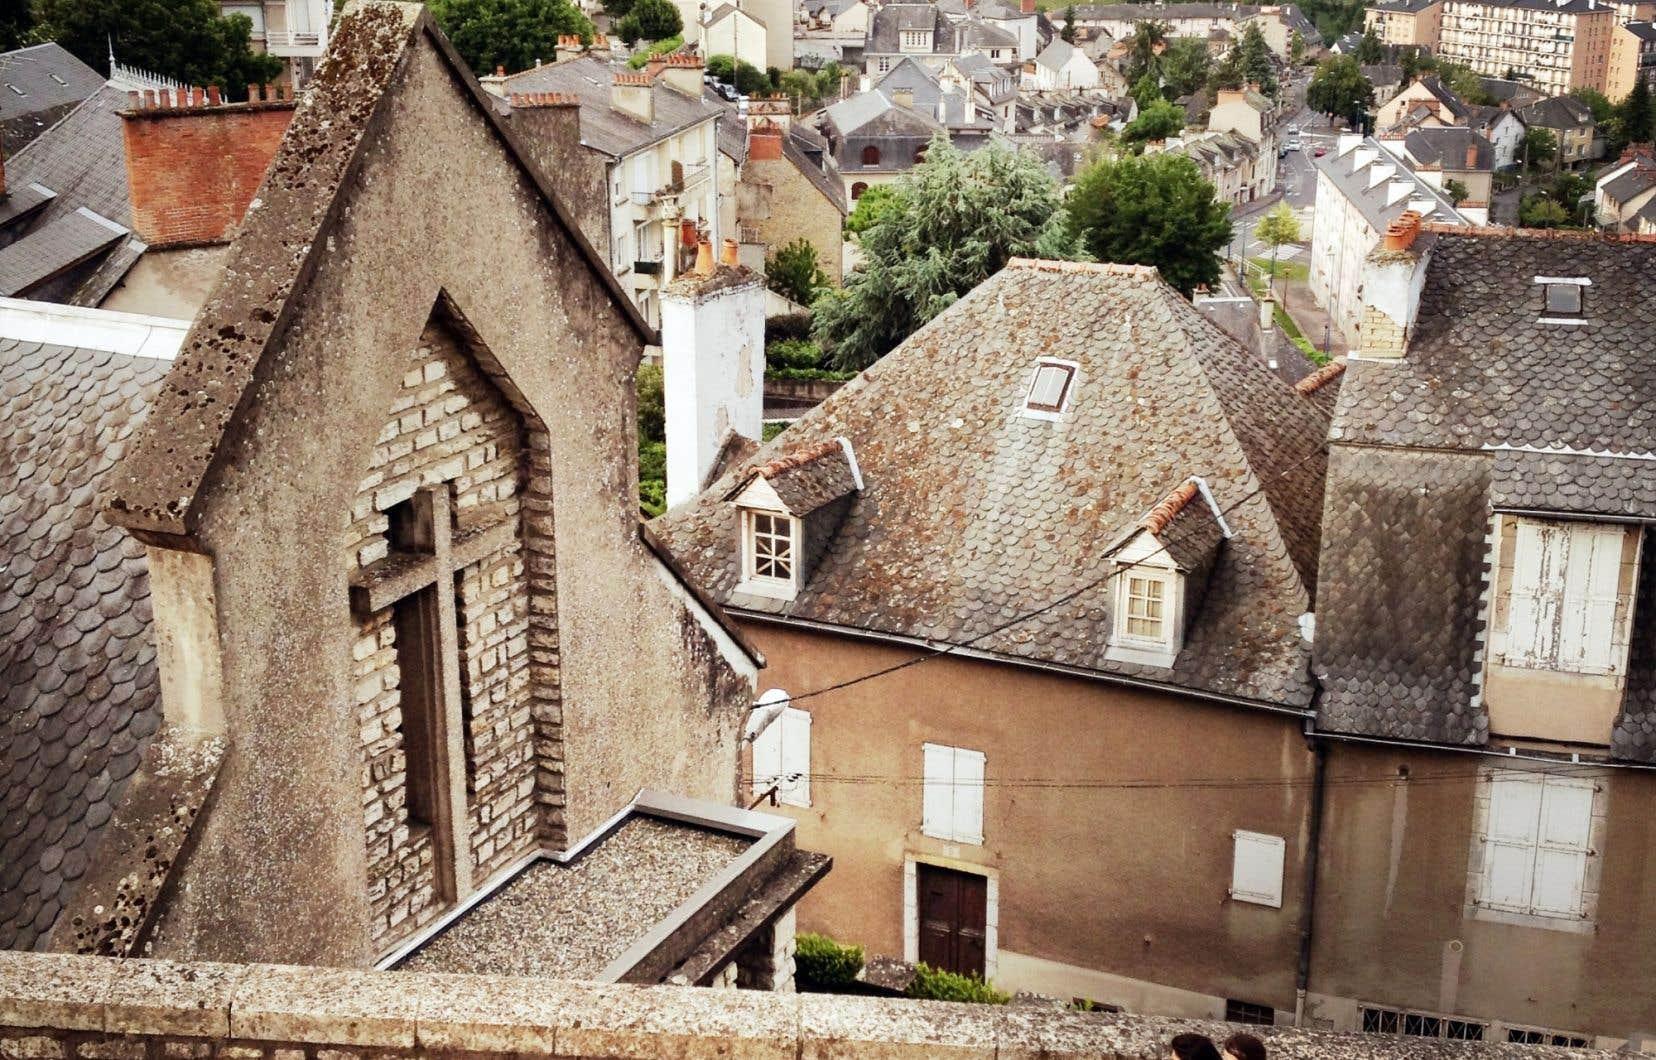 Rodez est une petite ville du sud-ouest de la France. Ci-dessous: des visiteurs du musée devant un tableau de la période outrenoir du peintre Pierre Soulages. Sur la surface intégralement noire du tableau, les reflets de la lumie?re animent la partie peinte.